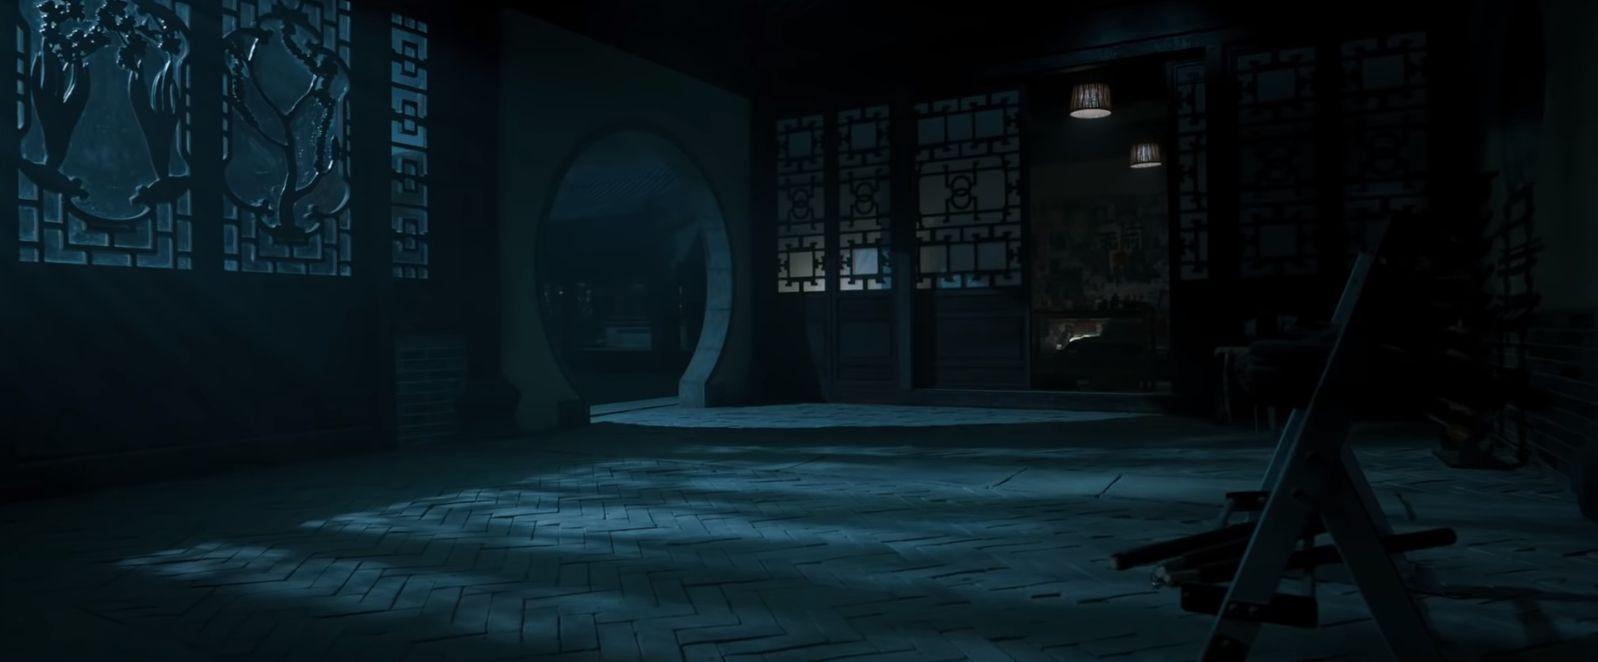 W początkowym ujęciu zwiastuna pojawia się pomieszczenie, w którym na oknach znajdują się symbole pierścieni. Jest ich 10; to nawiązanie zarówno do komiksowej organizacji Dziesięć Pierścieni, jak i artefaktu o tej samej nazwie.